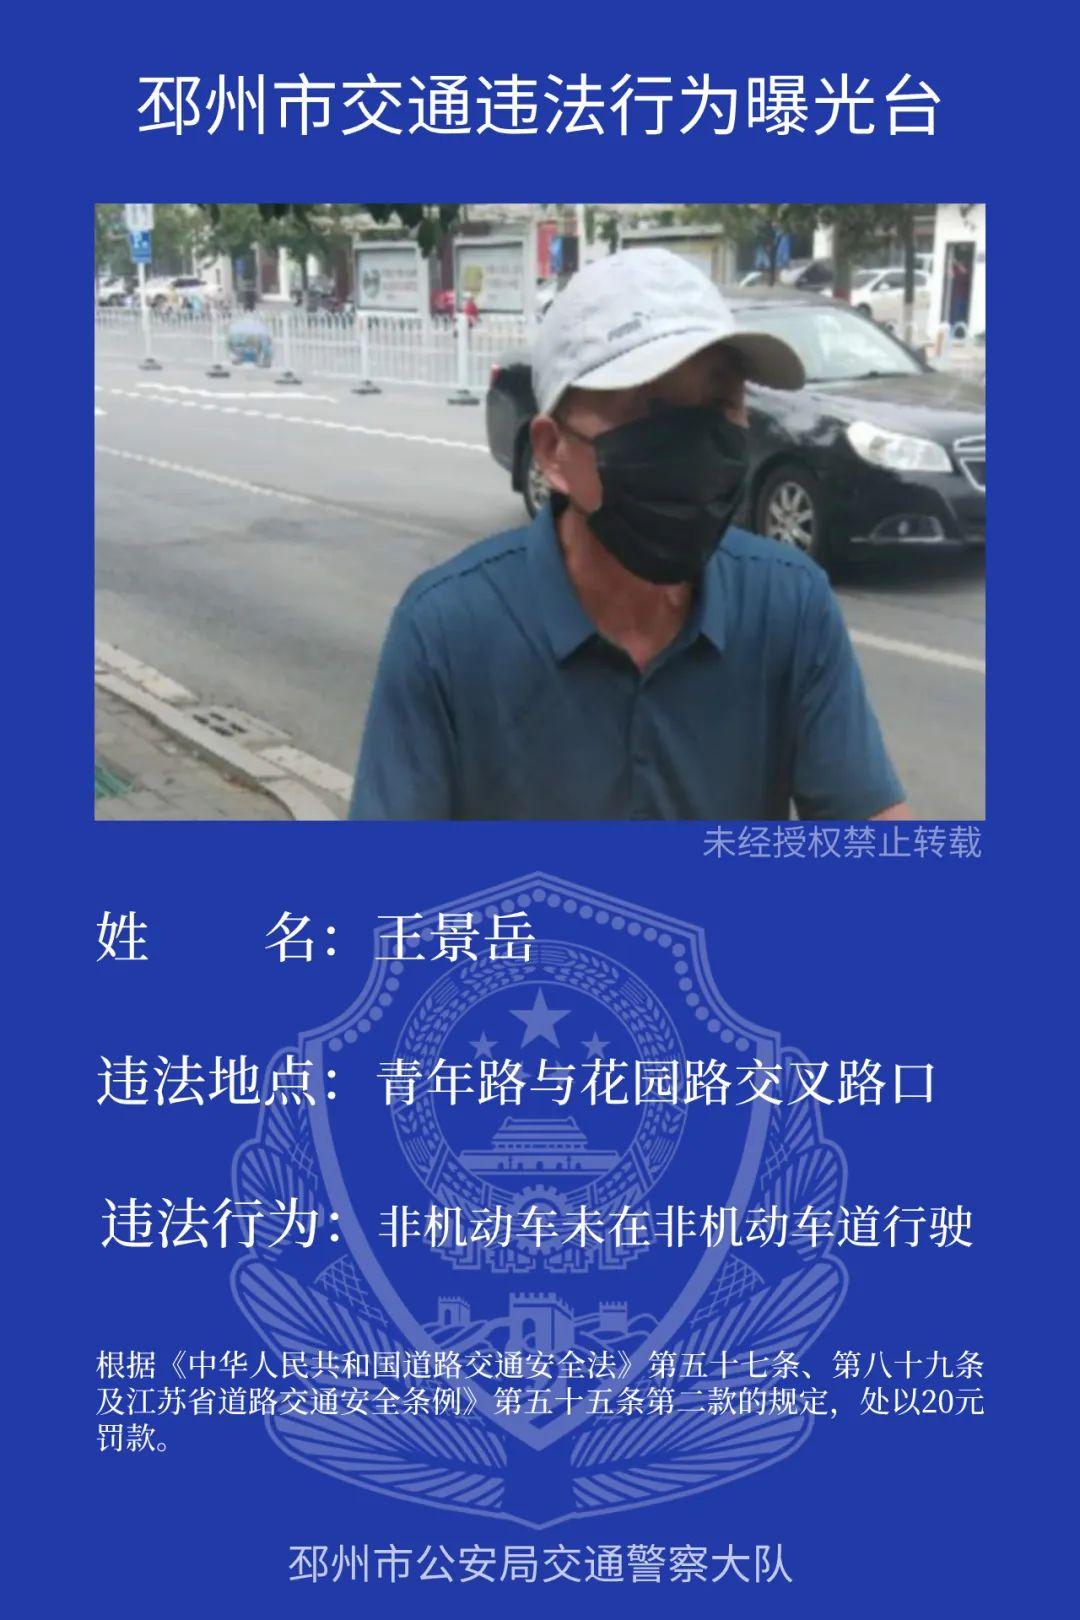 创文曝光台 | 非机动车交通违法行为曝光【第二十七批】